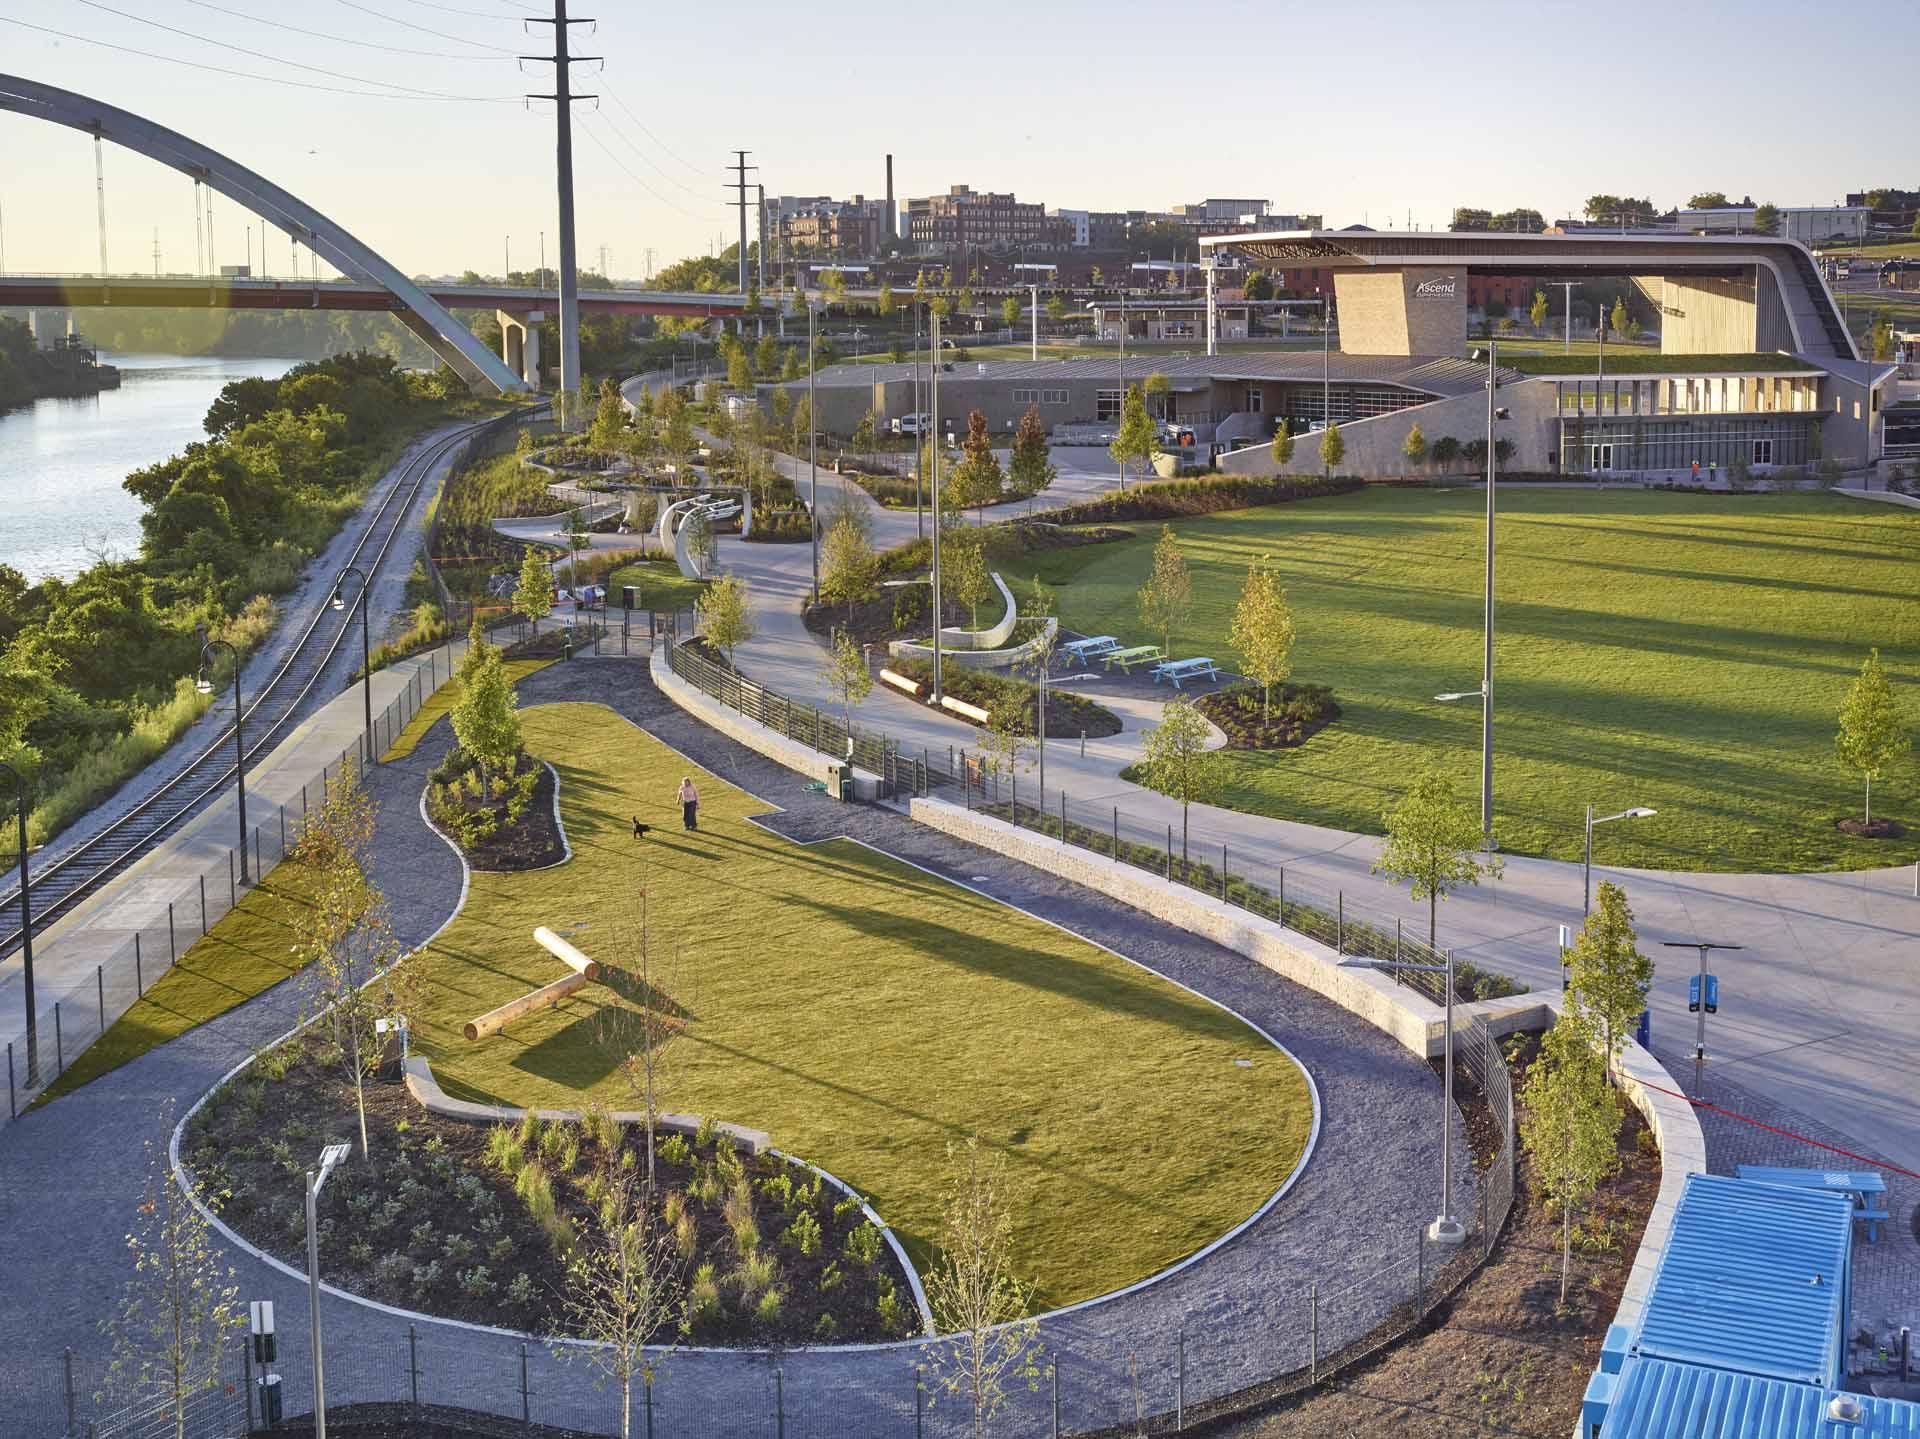 Landscape architect atlanta ga - West Riverfront Park